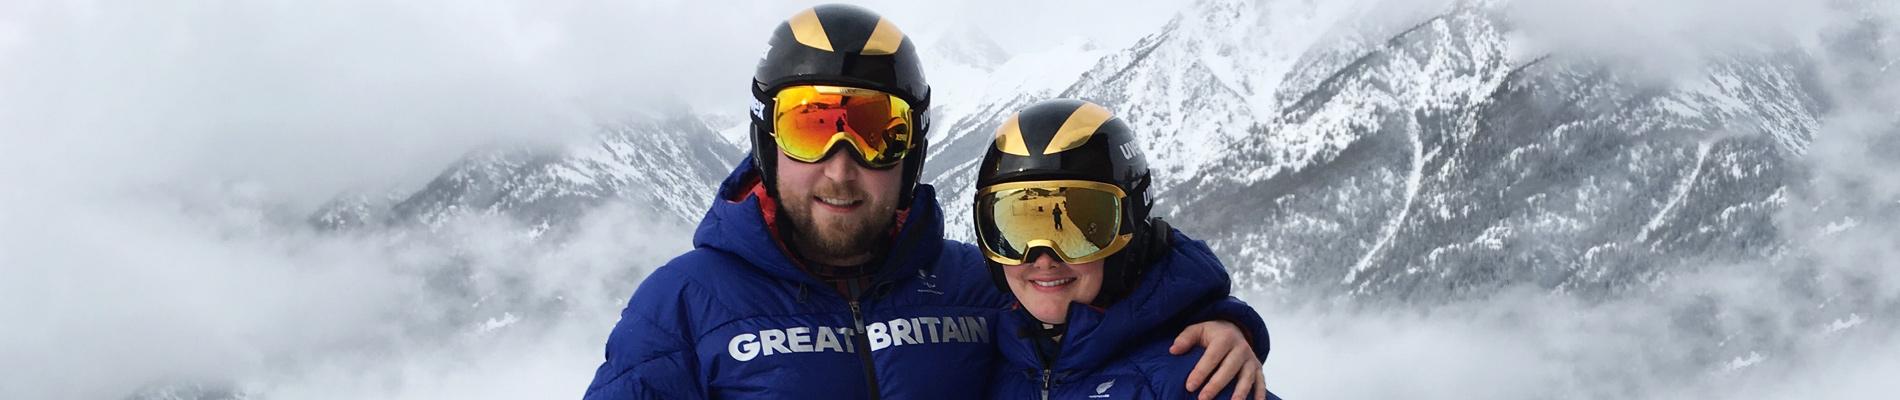 Millie Knight & Brett Wild wearing uvex helmets